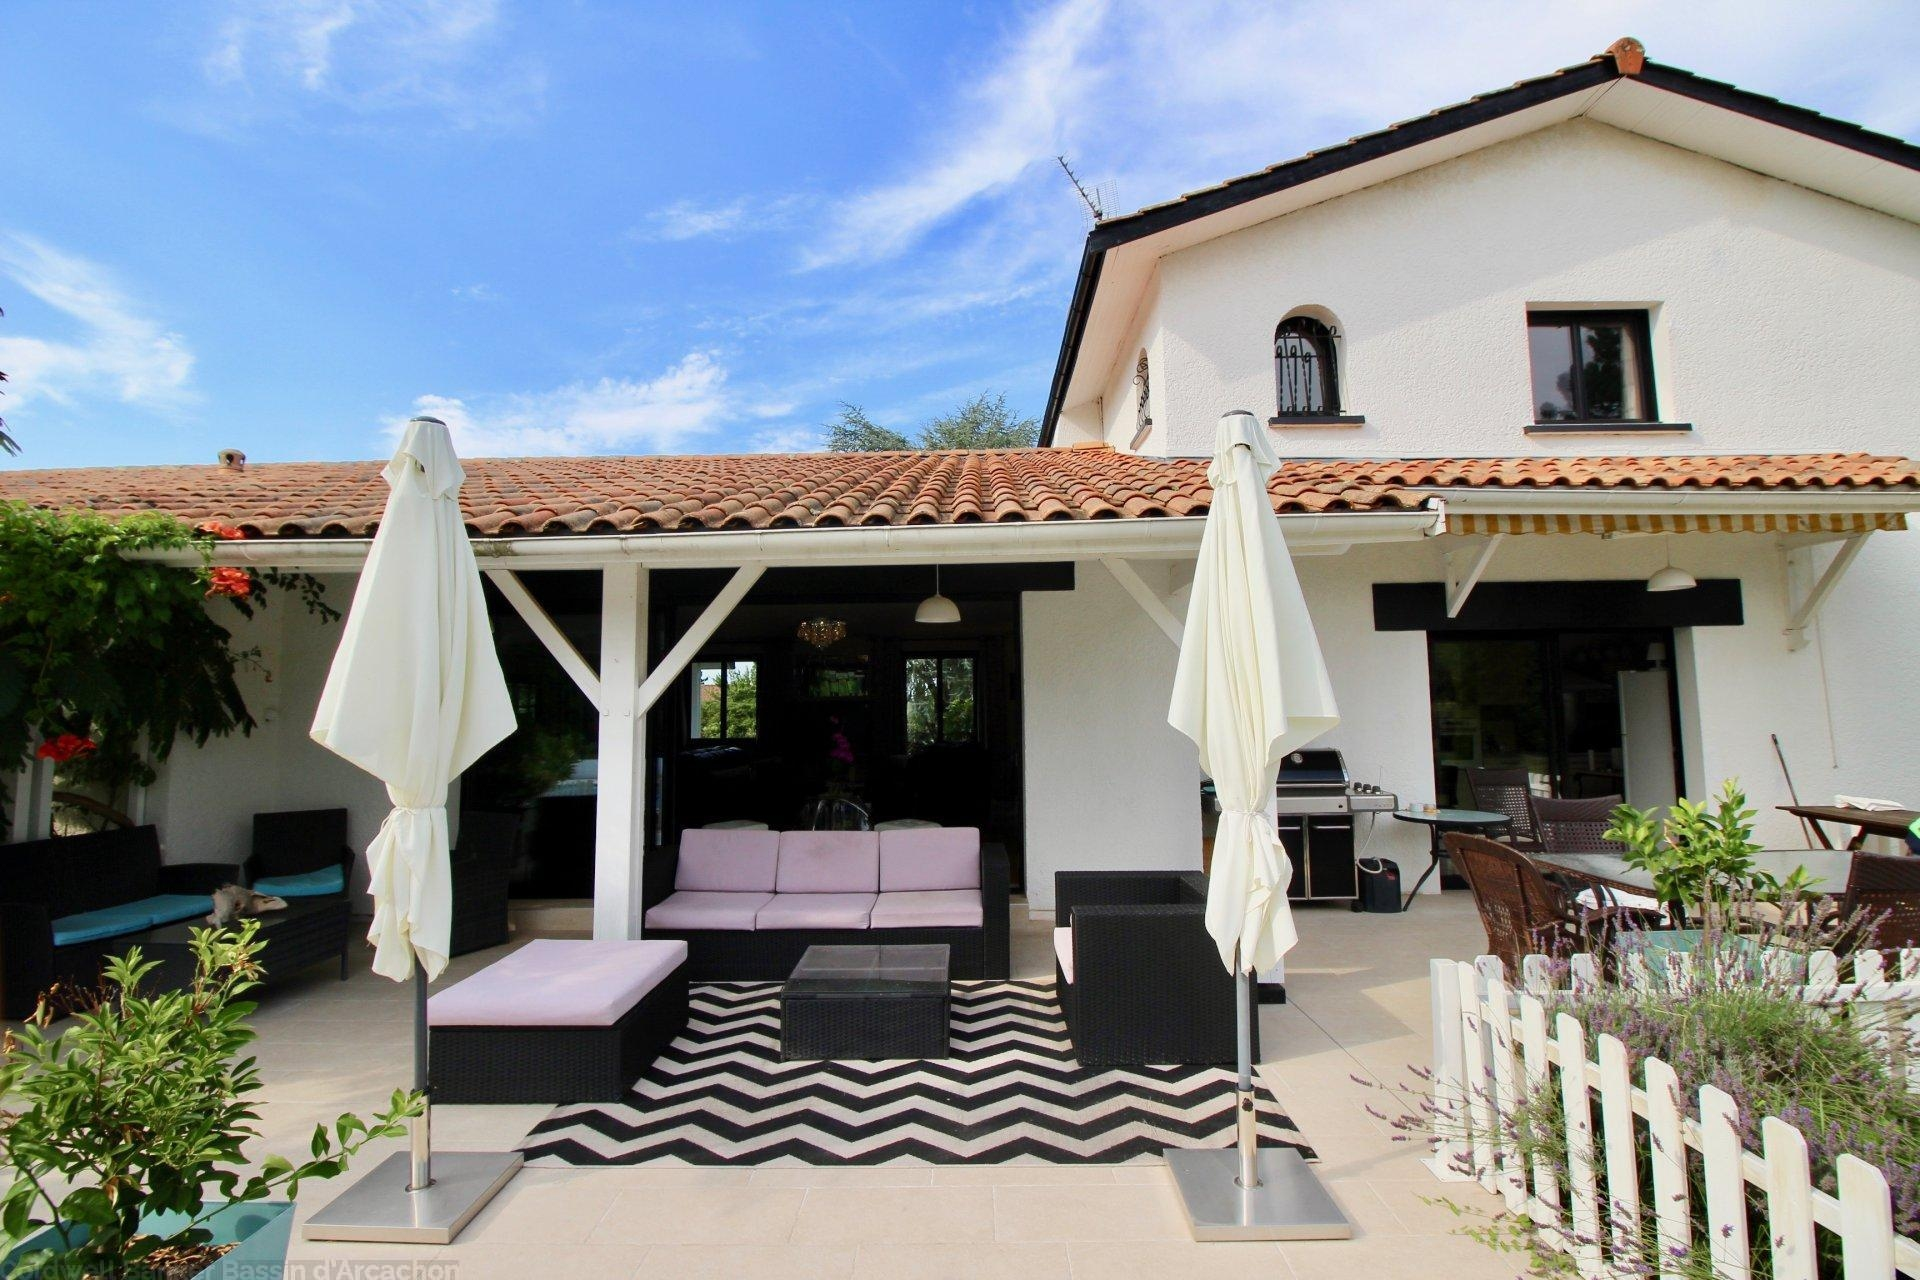 Maison familiale 6 chambres avec piscine à vendre proche Bordeaux SAINT-SULPICE-ET-CAMEYRAC ...